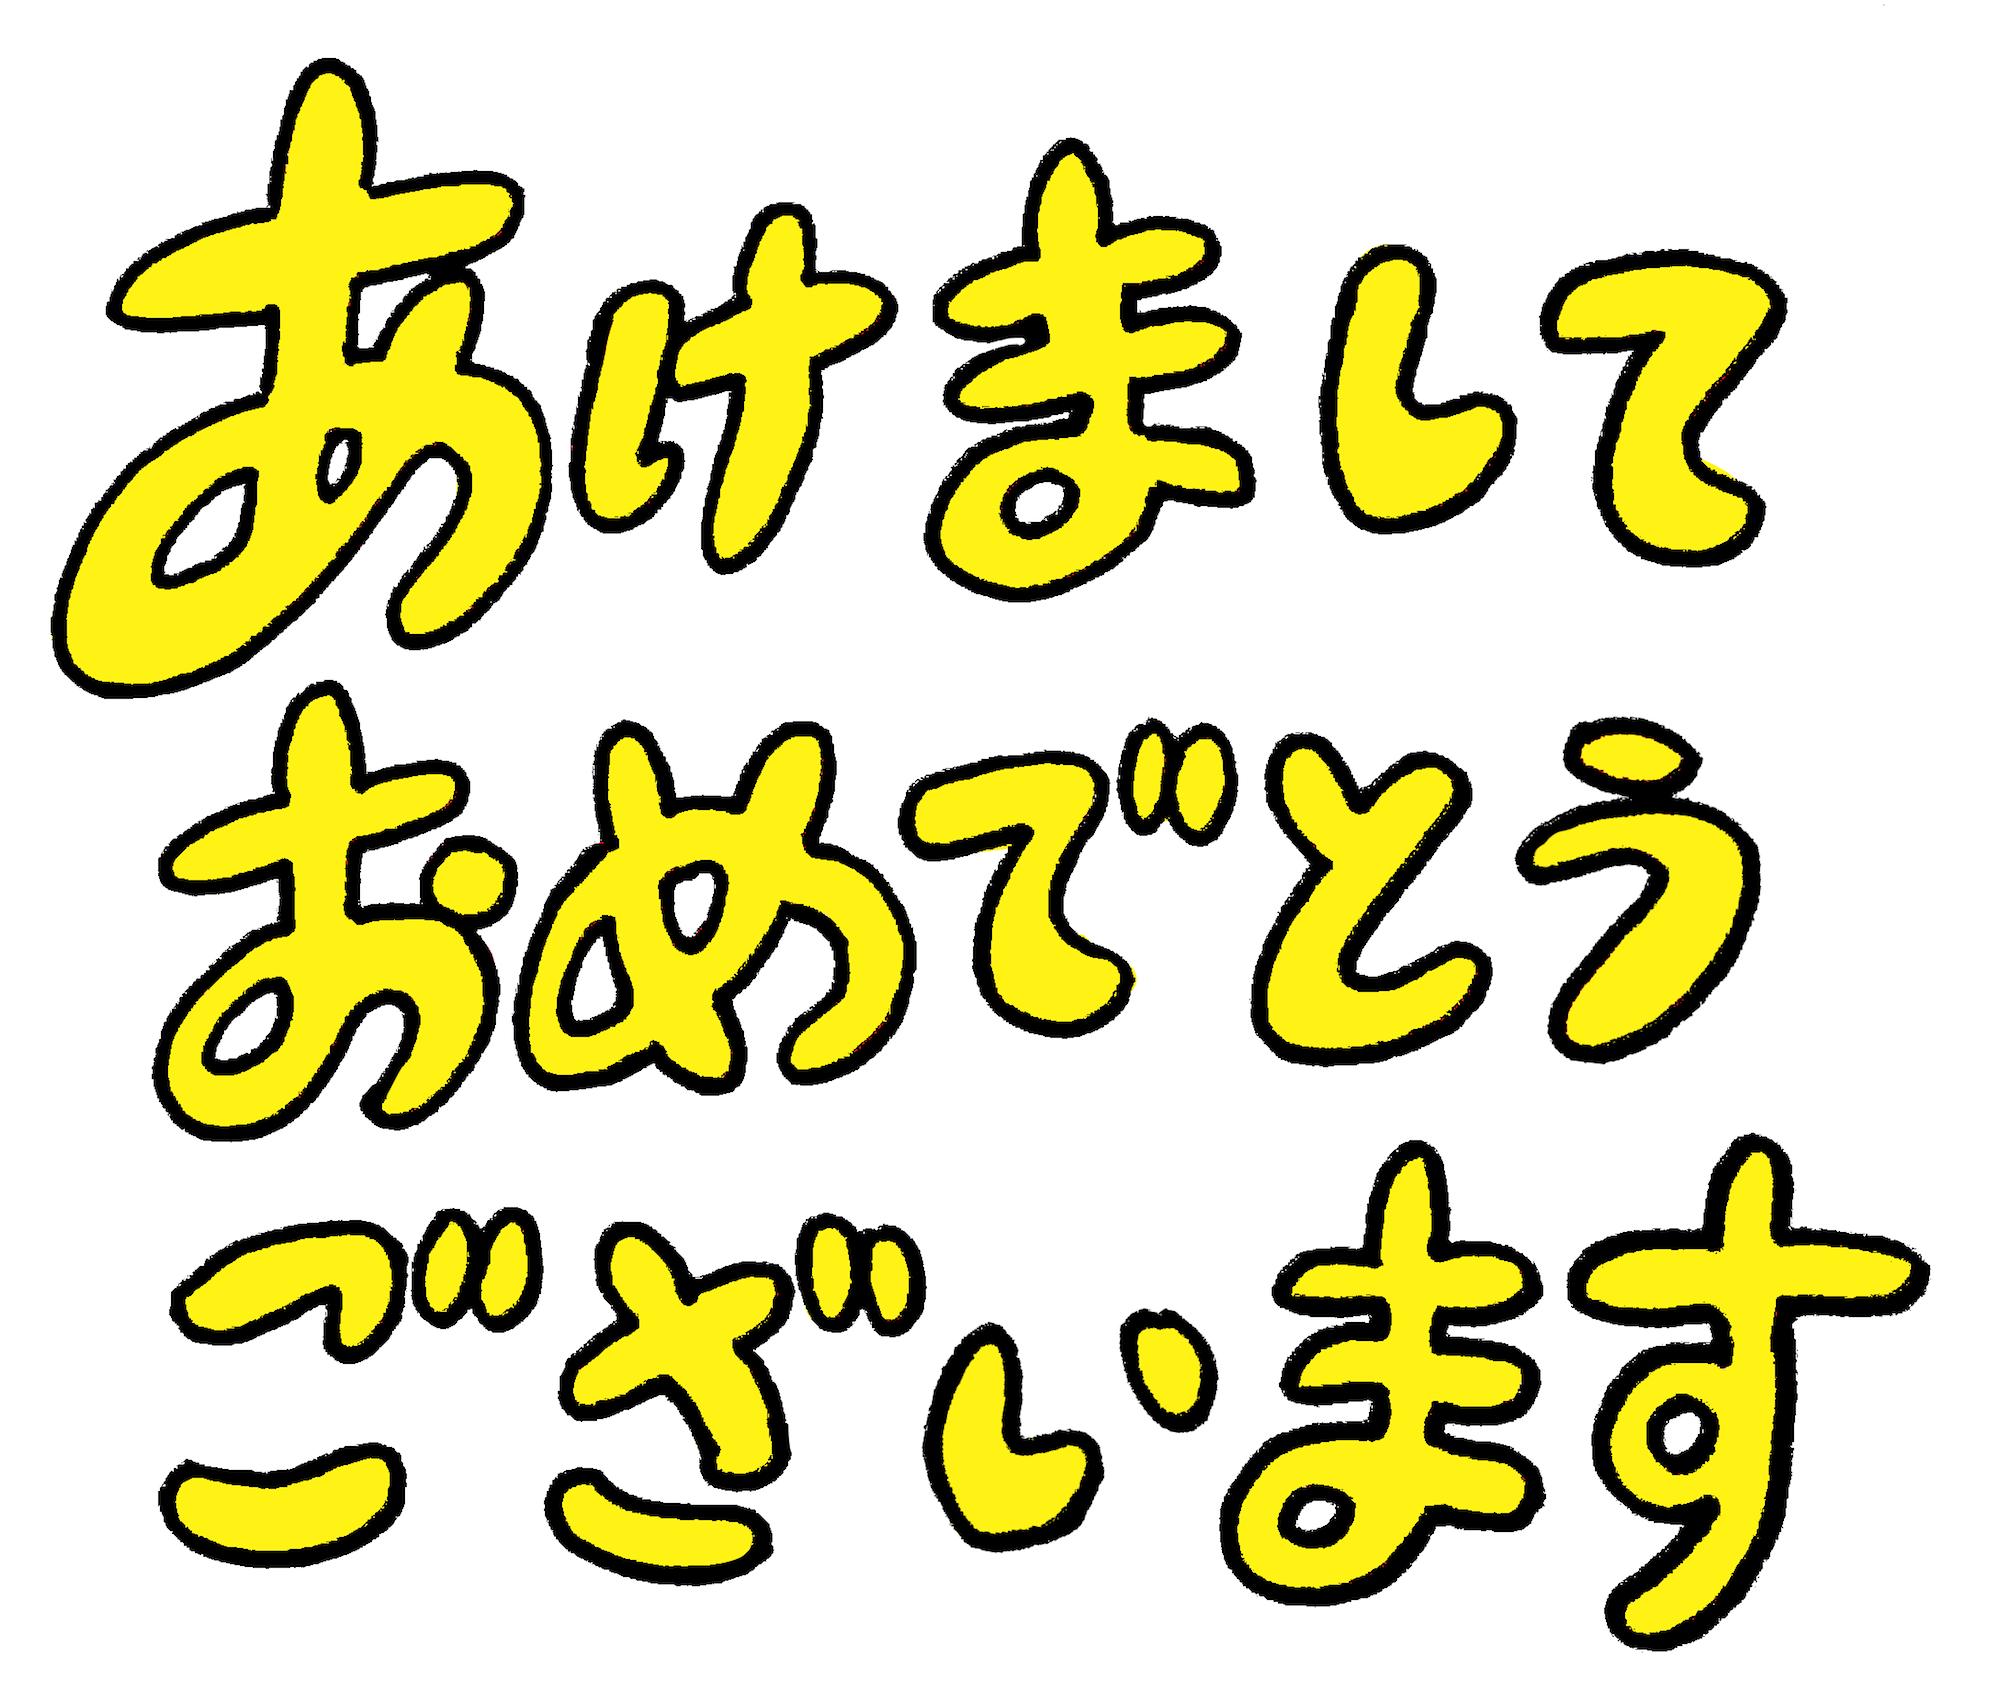 あけましておめでとうございます袋文字☆無料年賀状素材   無料